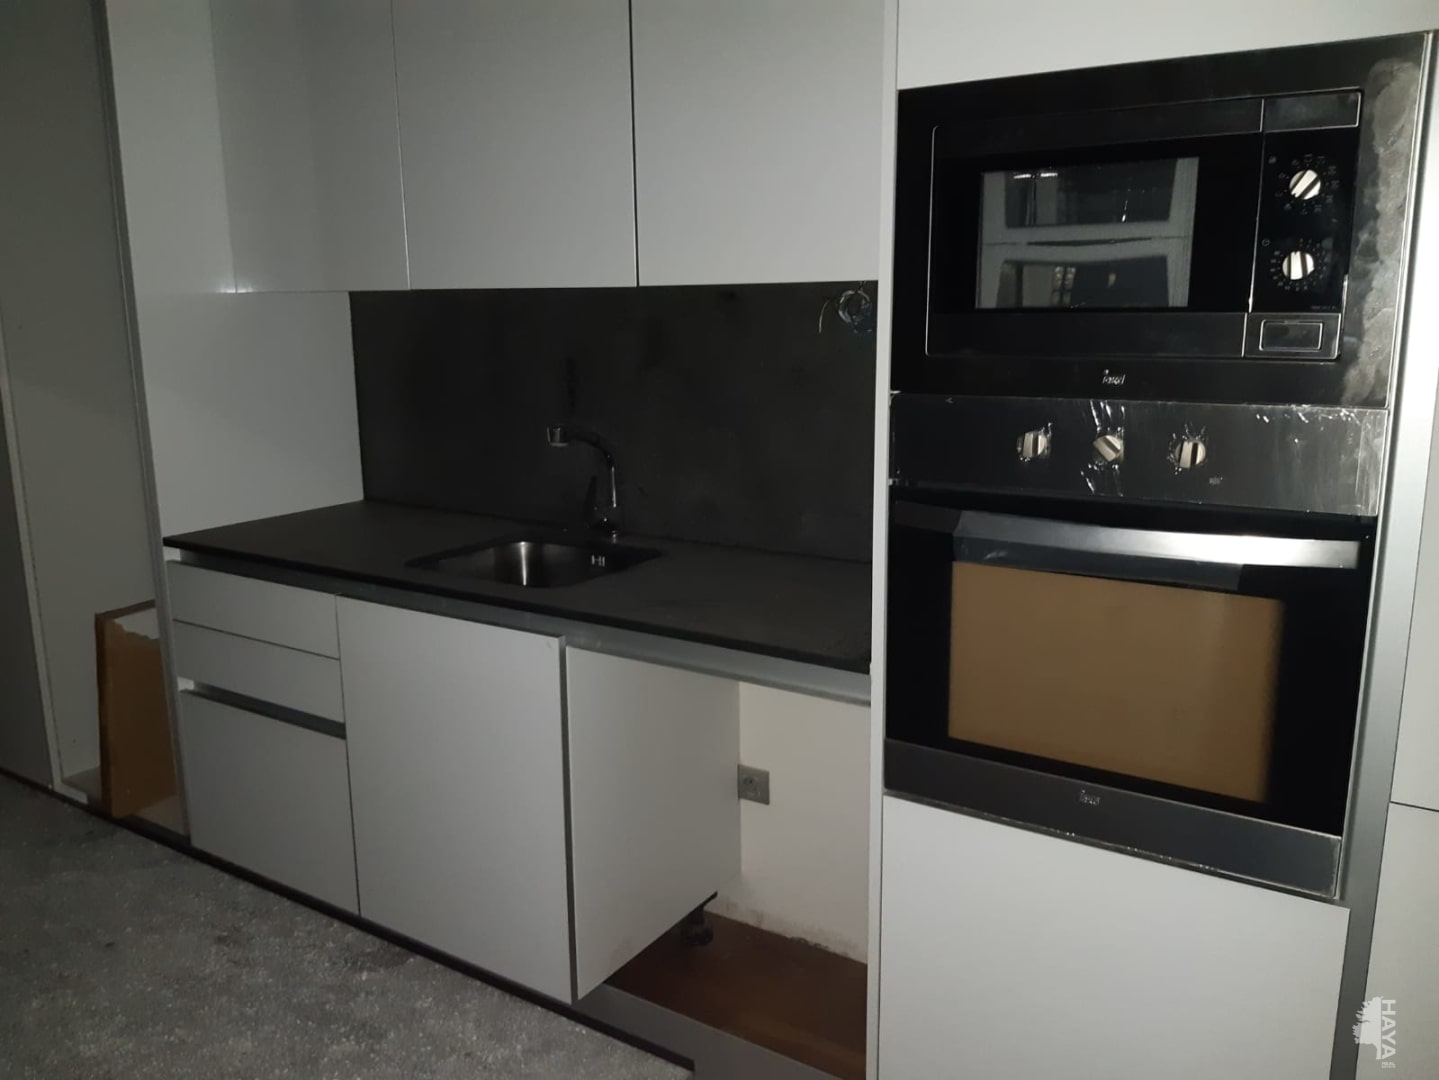 Piso en venta en Piso en Palma de Mallorca, Baleares, 766.273 €, 3 habitaciones, 6 baños, 146 m2, Garaje